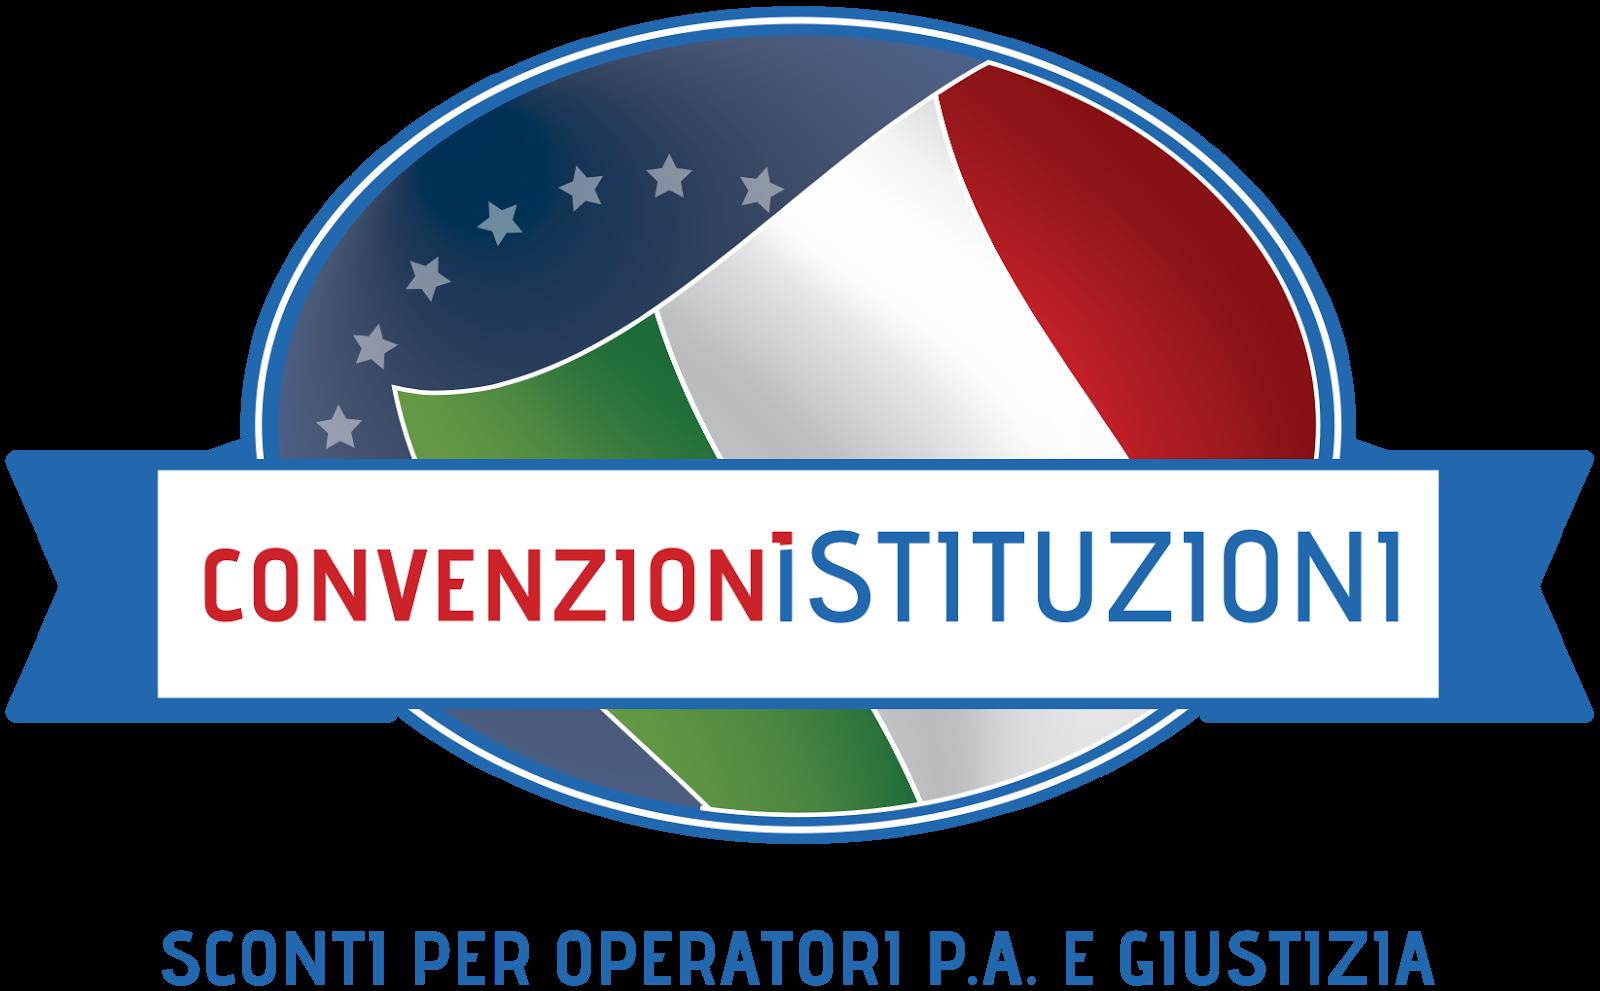 Convenzioni Istituzioni | Sconti per operatori PI e Giustizia